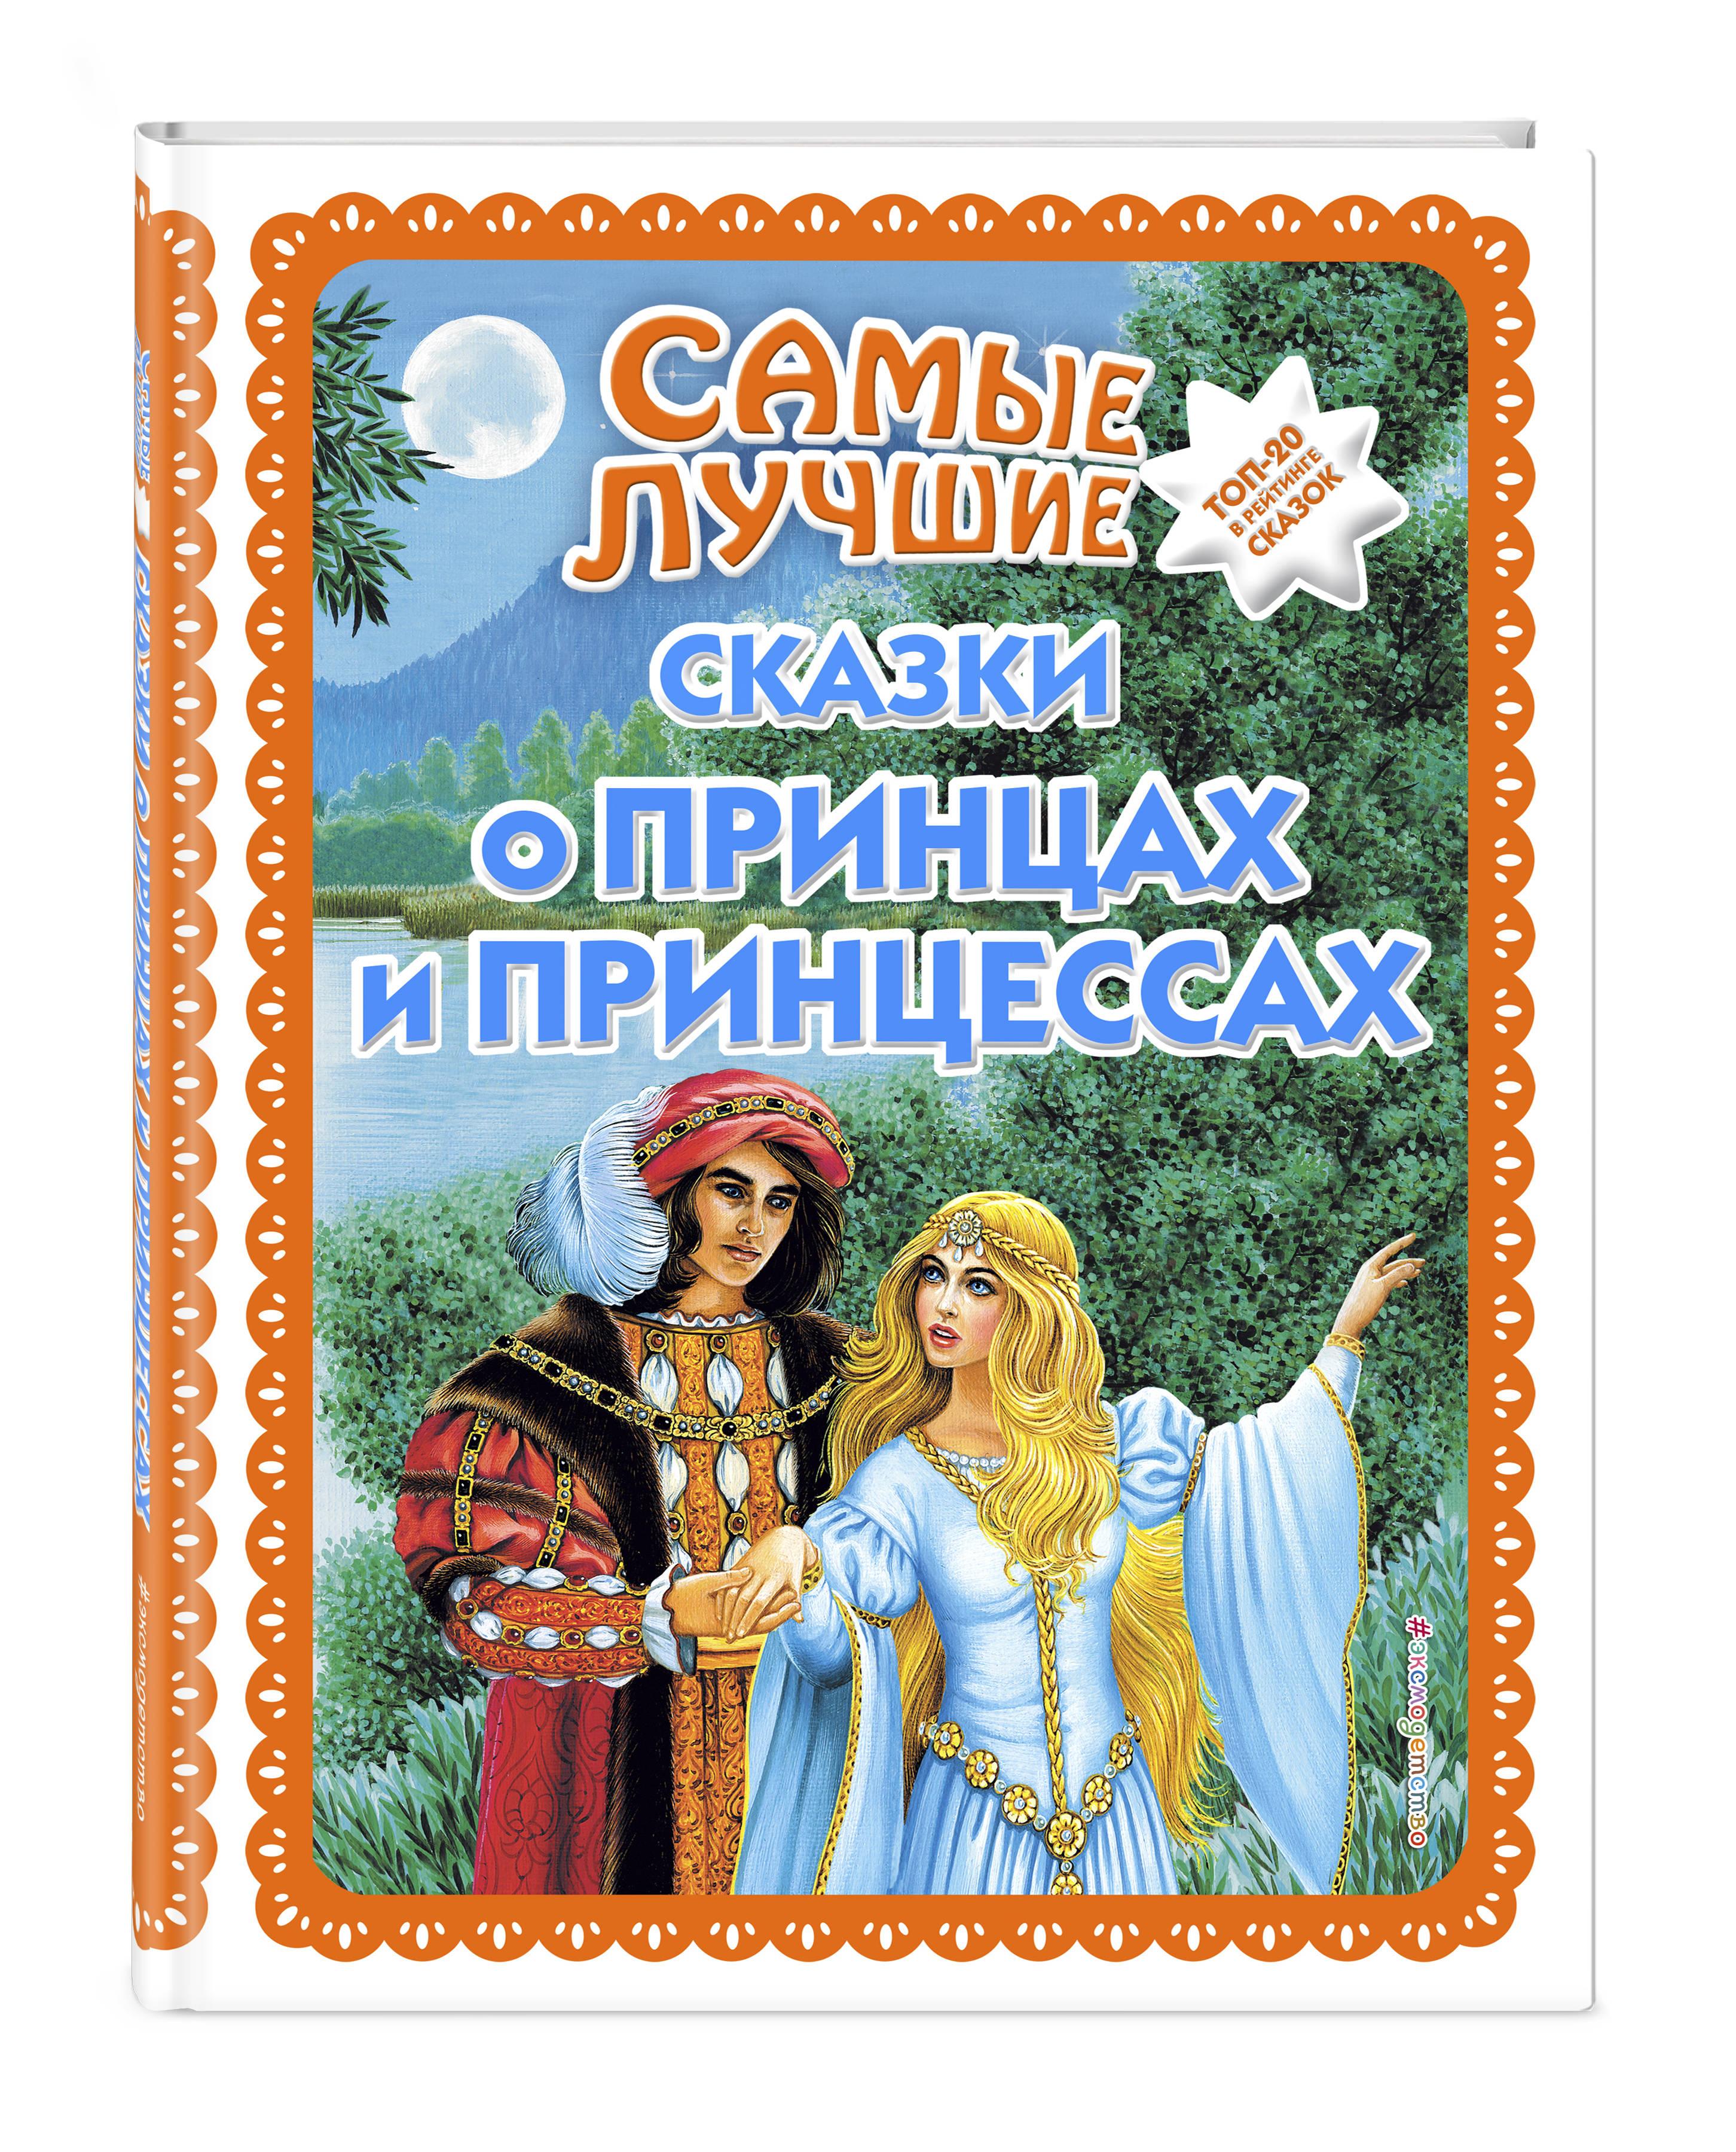 Самые лучшие сказки о принцах и принцессах (ил. А. Басюбиной) волшебные сказки о принцах и принцессах